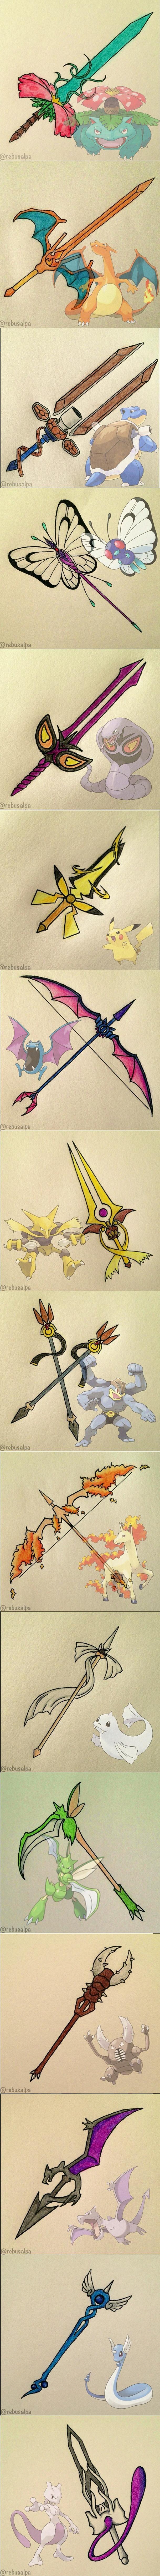 Pokemon Weapon Art - Imgur